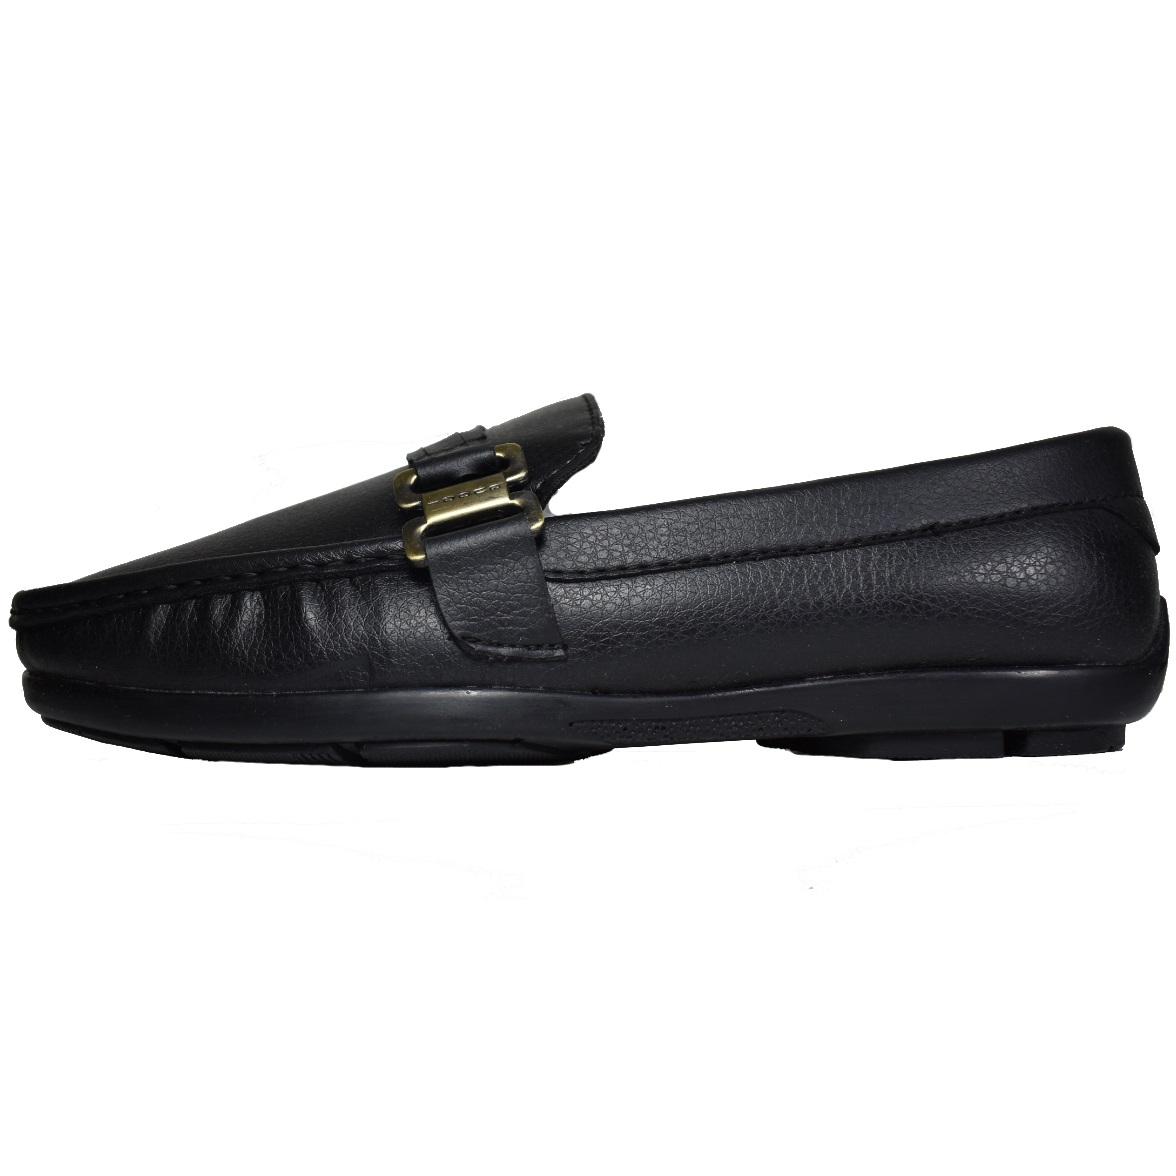 عکس کفش مردانه مدل استار کد 16